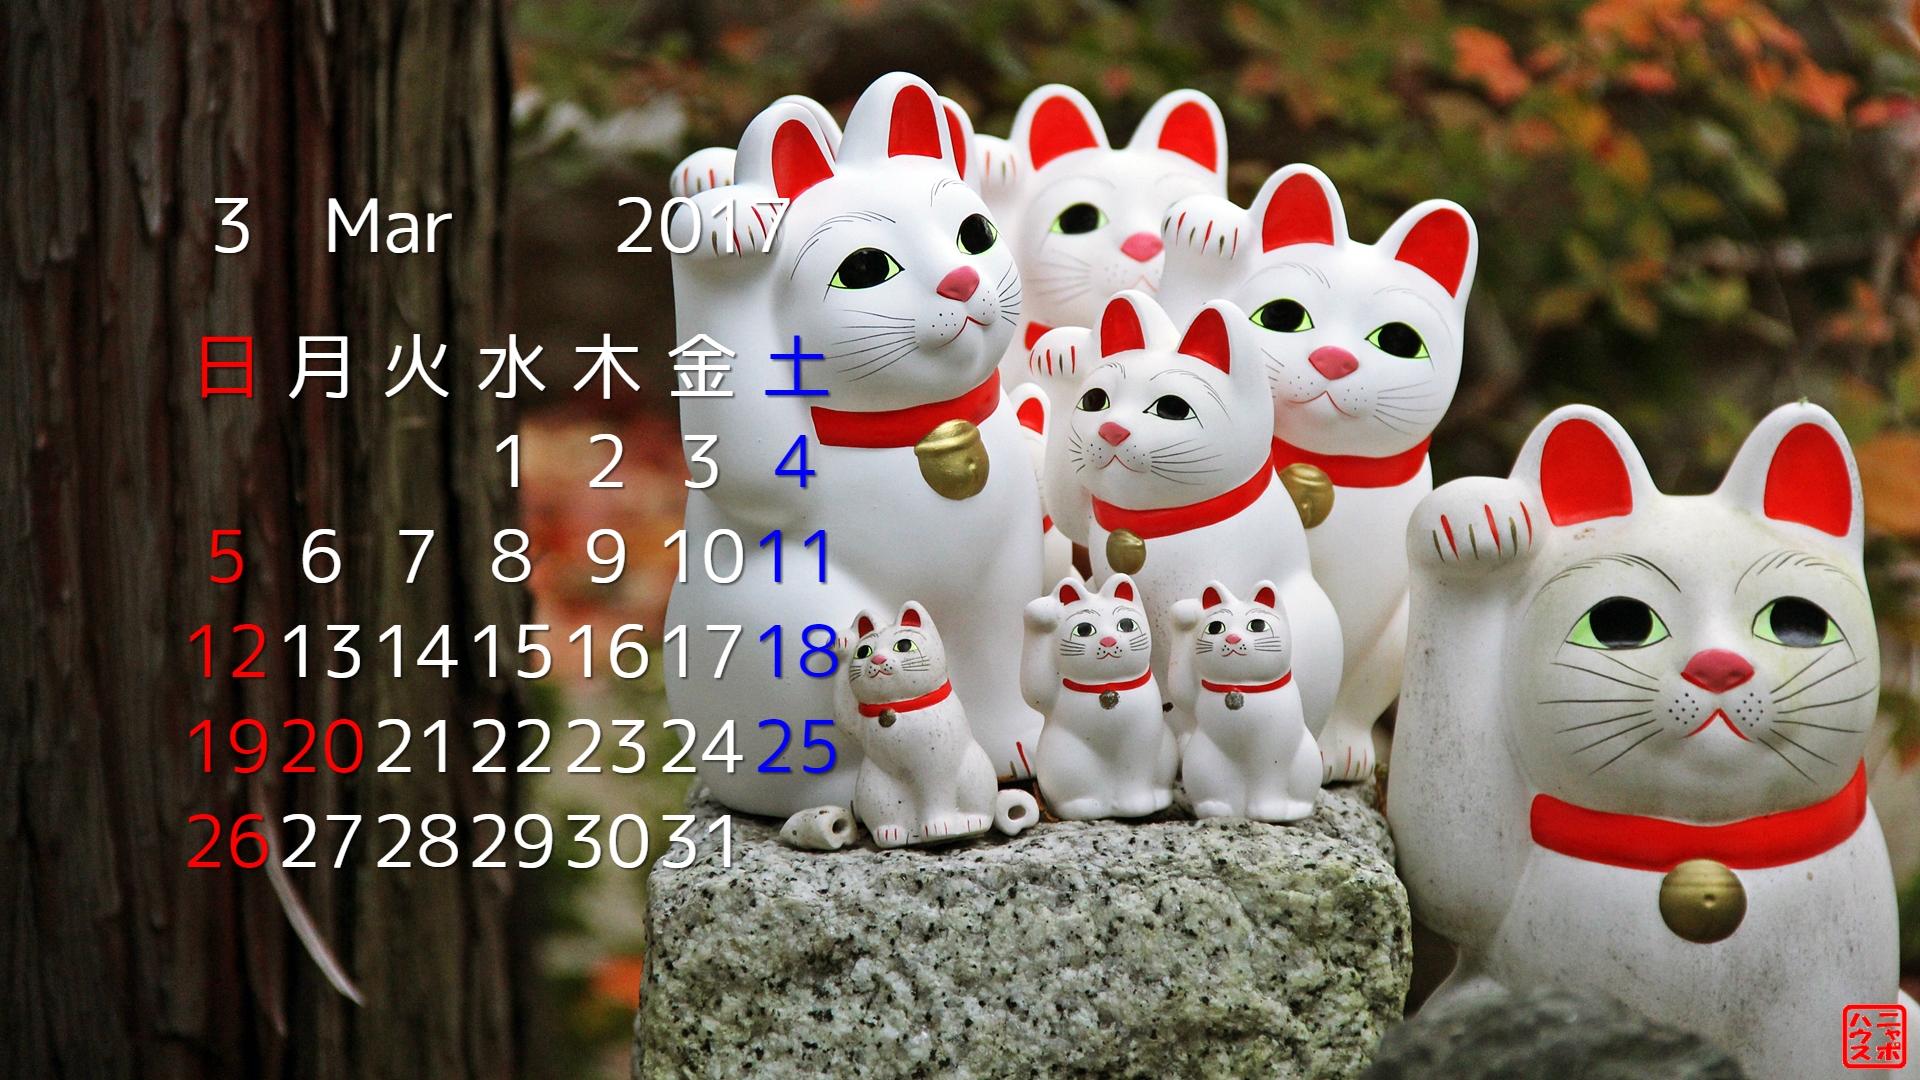 2017年3月 猫デスクトップカレンダー